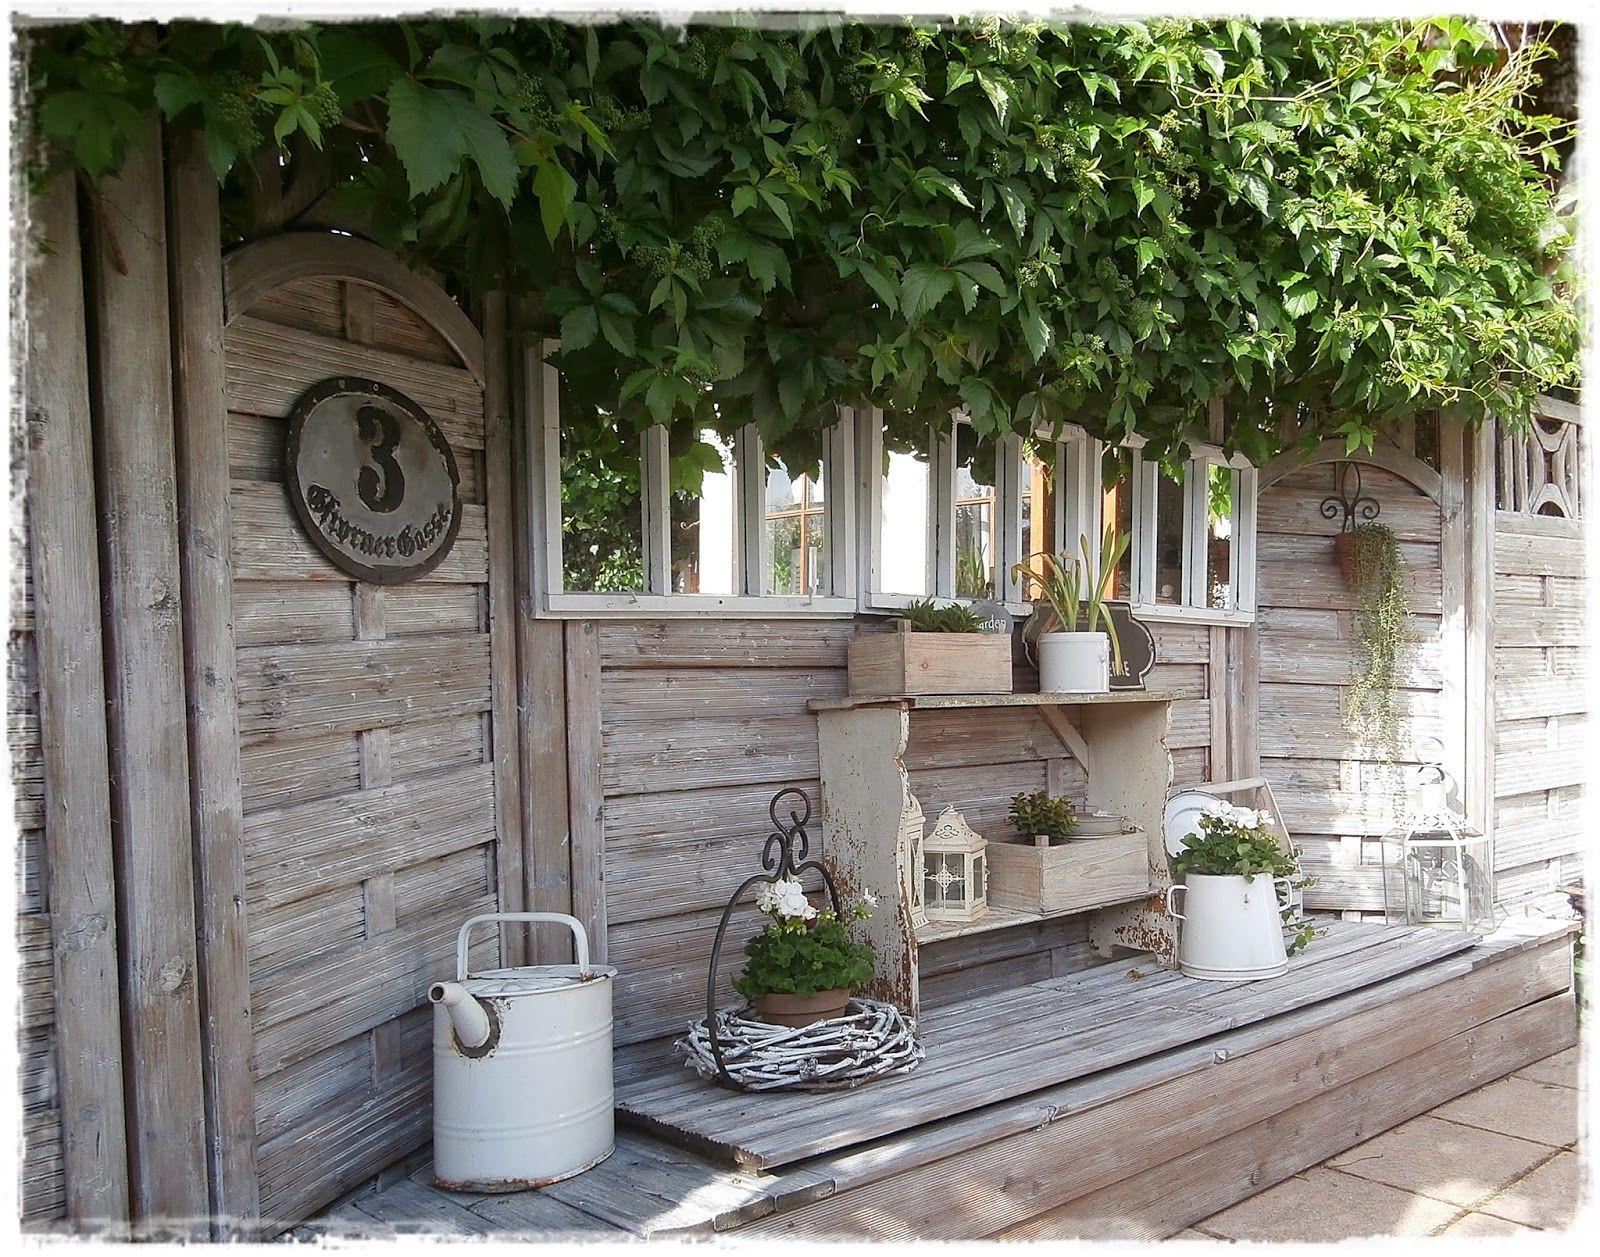 Garten Shabby shabby landhaus vorher nacher garten laube pergoly a